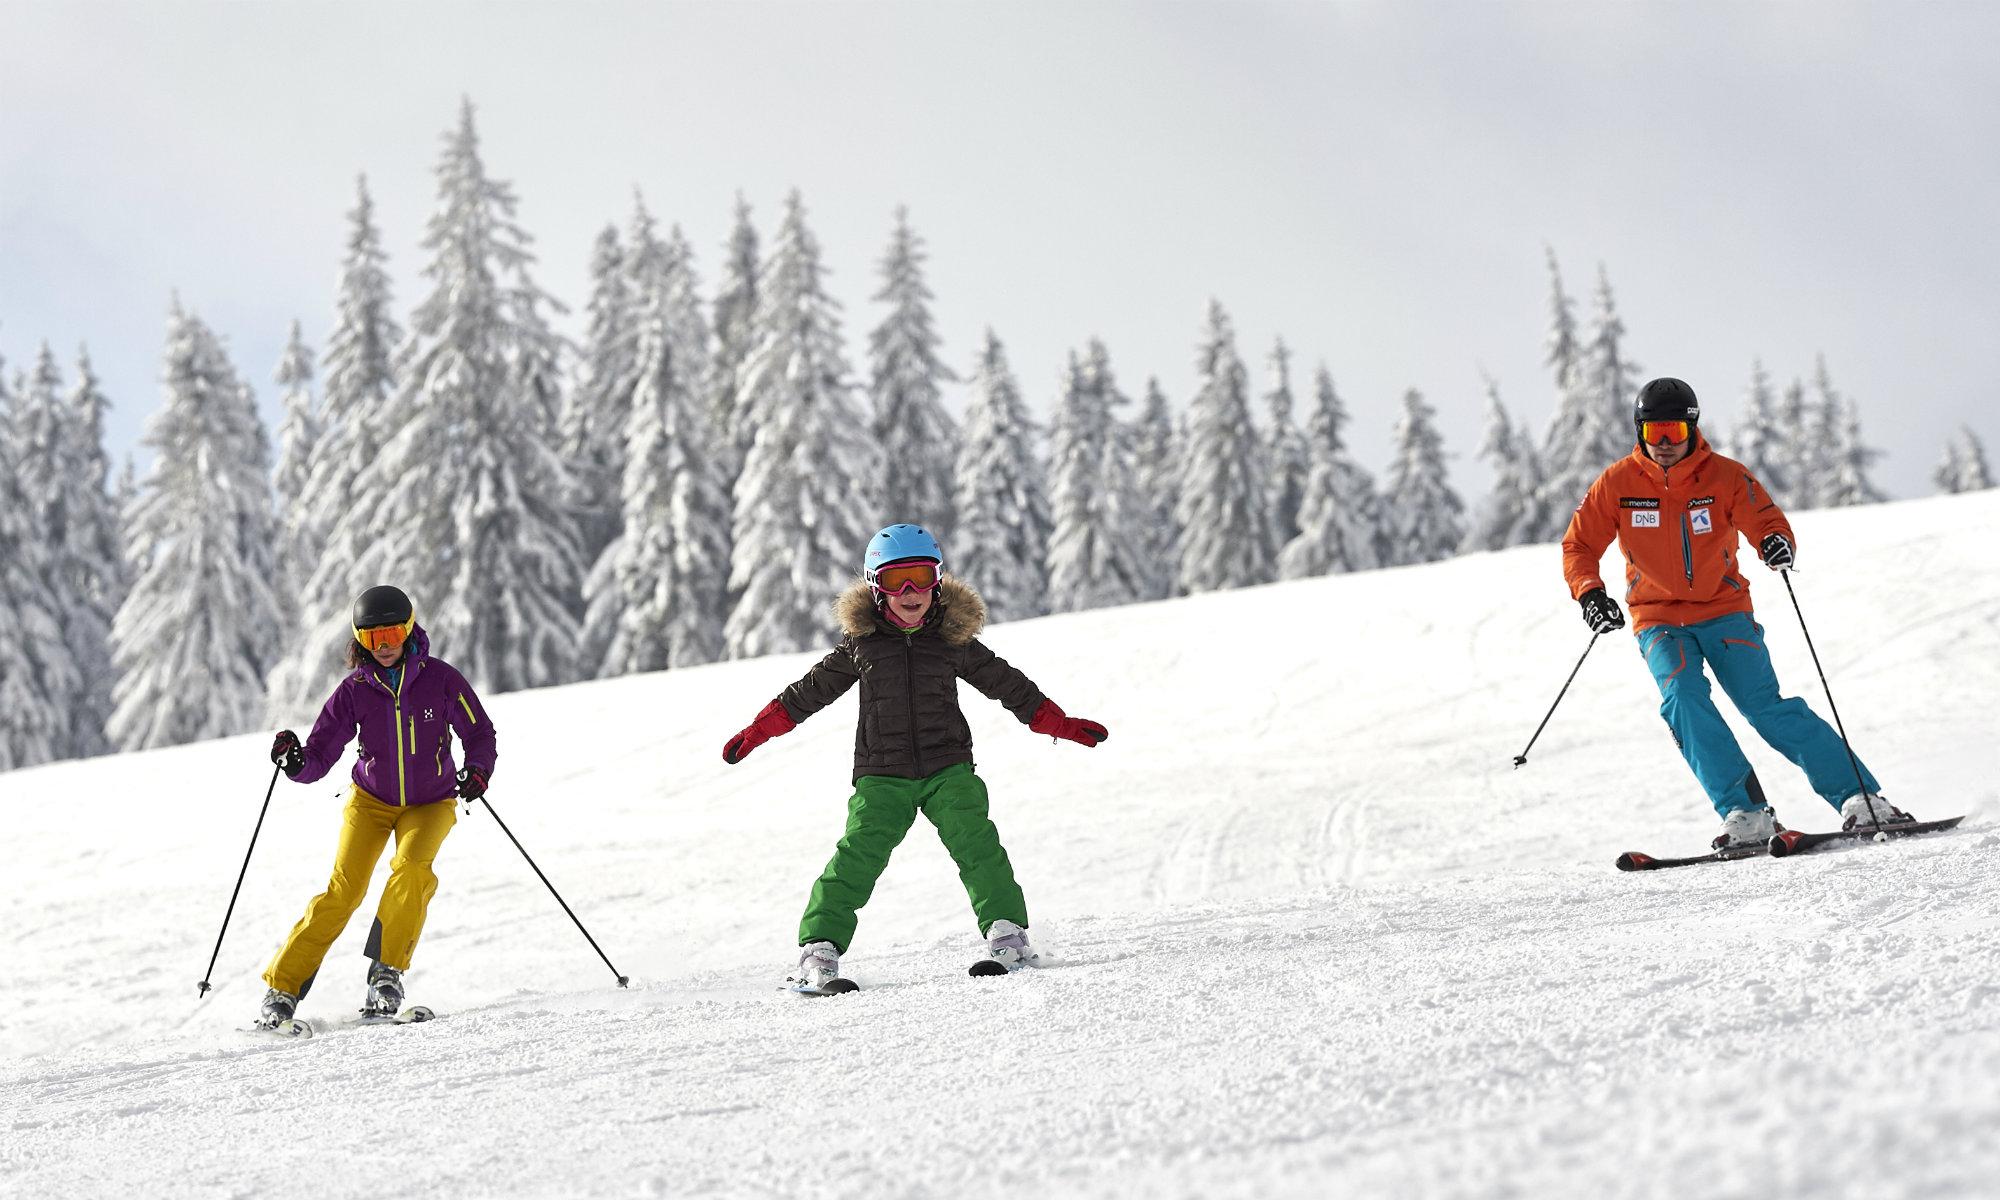 Eine Familie übt das Skifahren auf einer blau markierten Piste am Großen Arber.